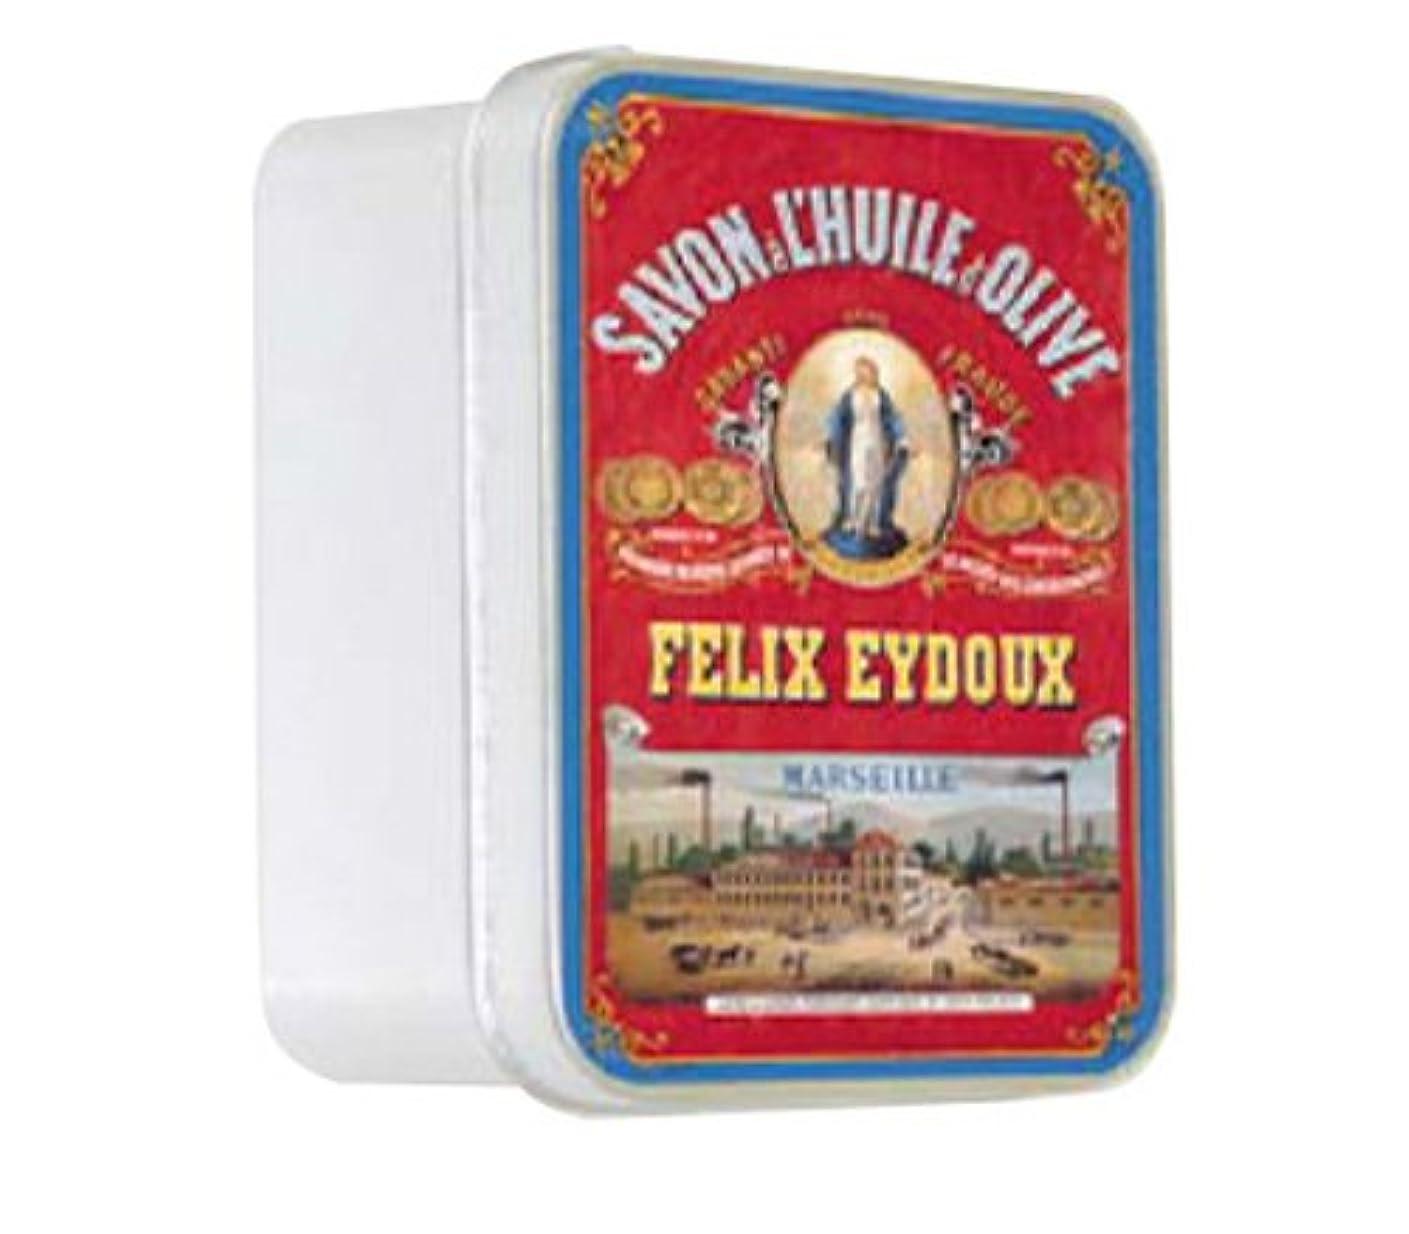 ピジンスクリーチワゴンルブランソープ メタルボックス(マルセイユソープ?オリーブの香り)石鹸